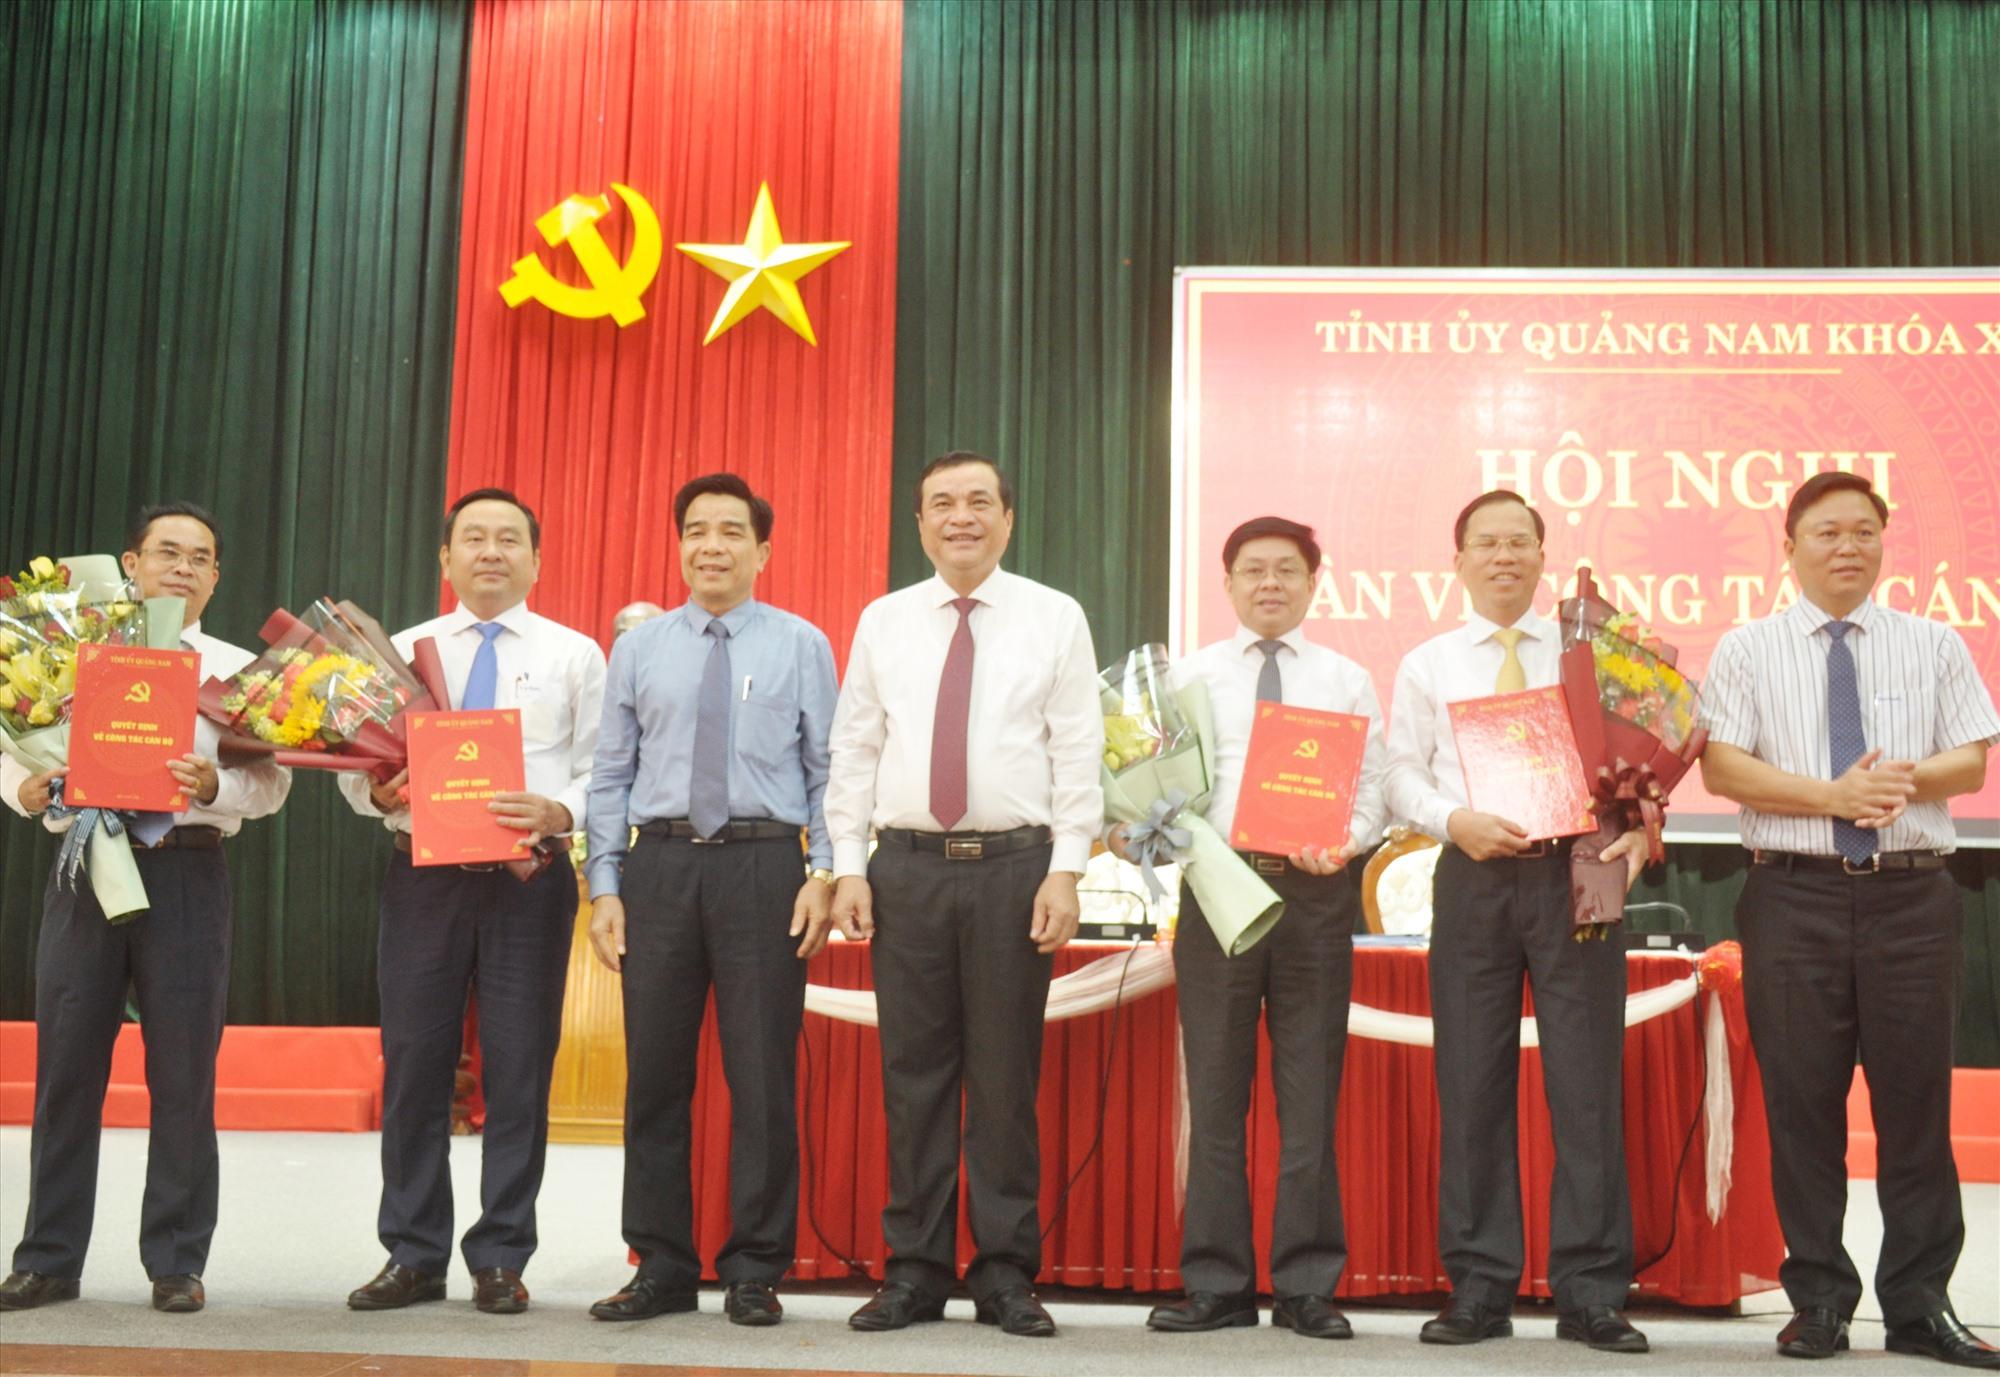 Lãnh đạo tỉnh trao quyết định chuẩn y của Ban Bí thư về công tác cán bộ của tỉnh. Ảnh: N.Đ